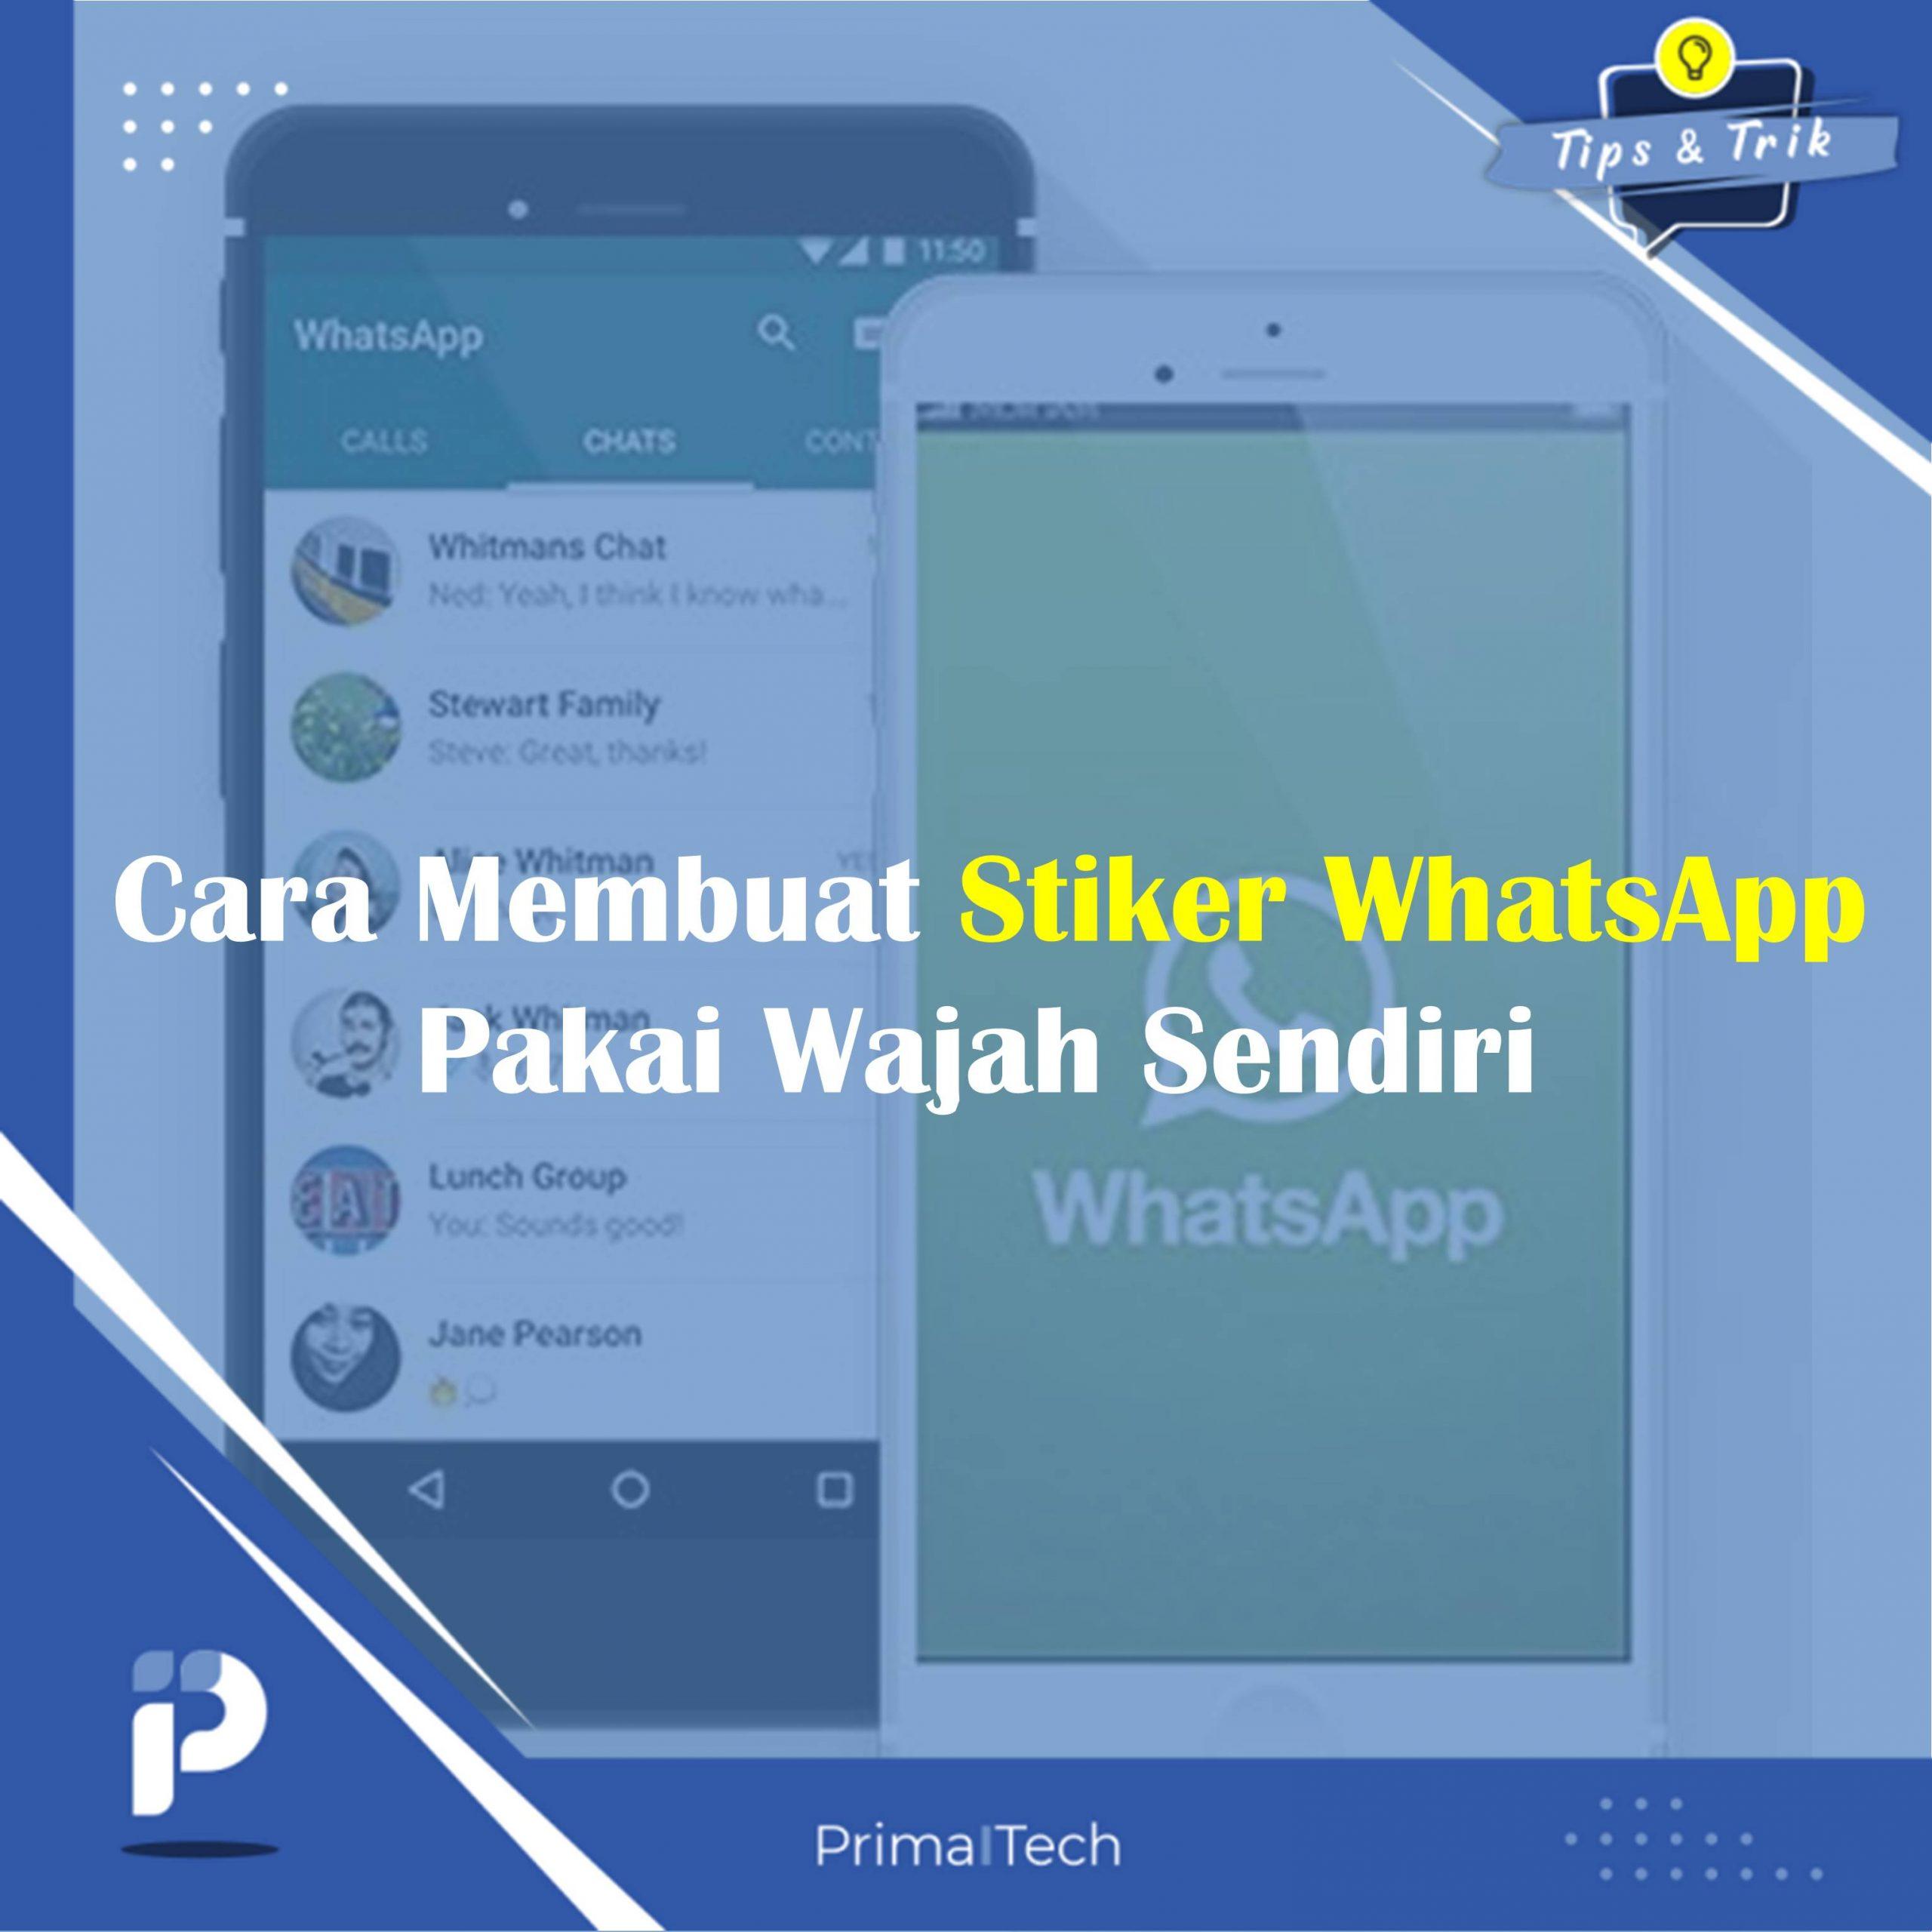 Cara Membuat Stiker WhatsApp Pakai Wajah Sendiri